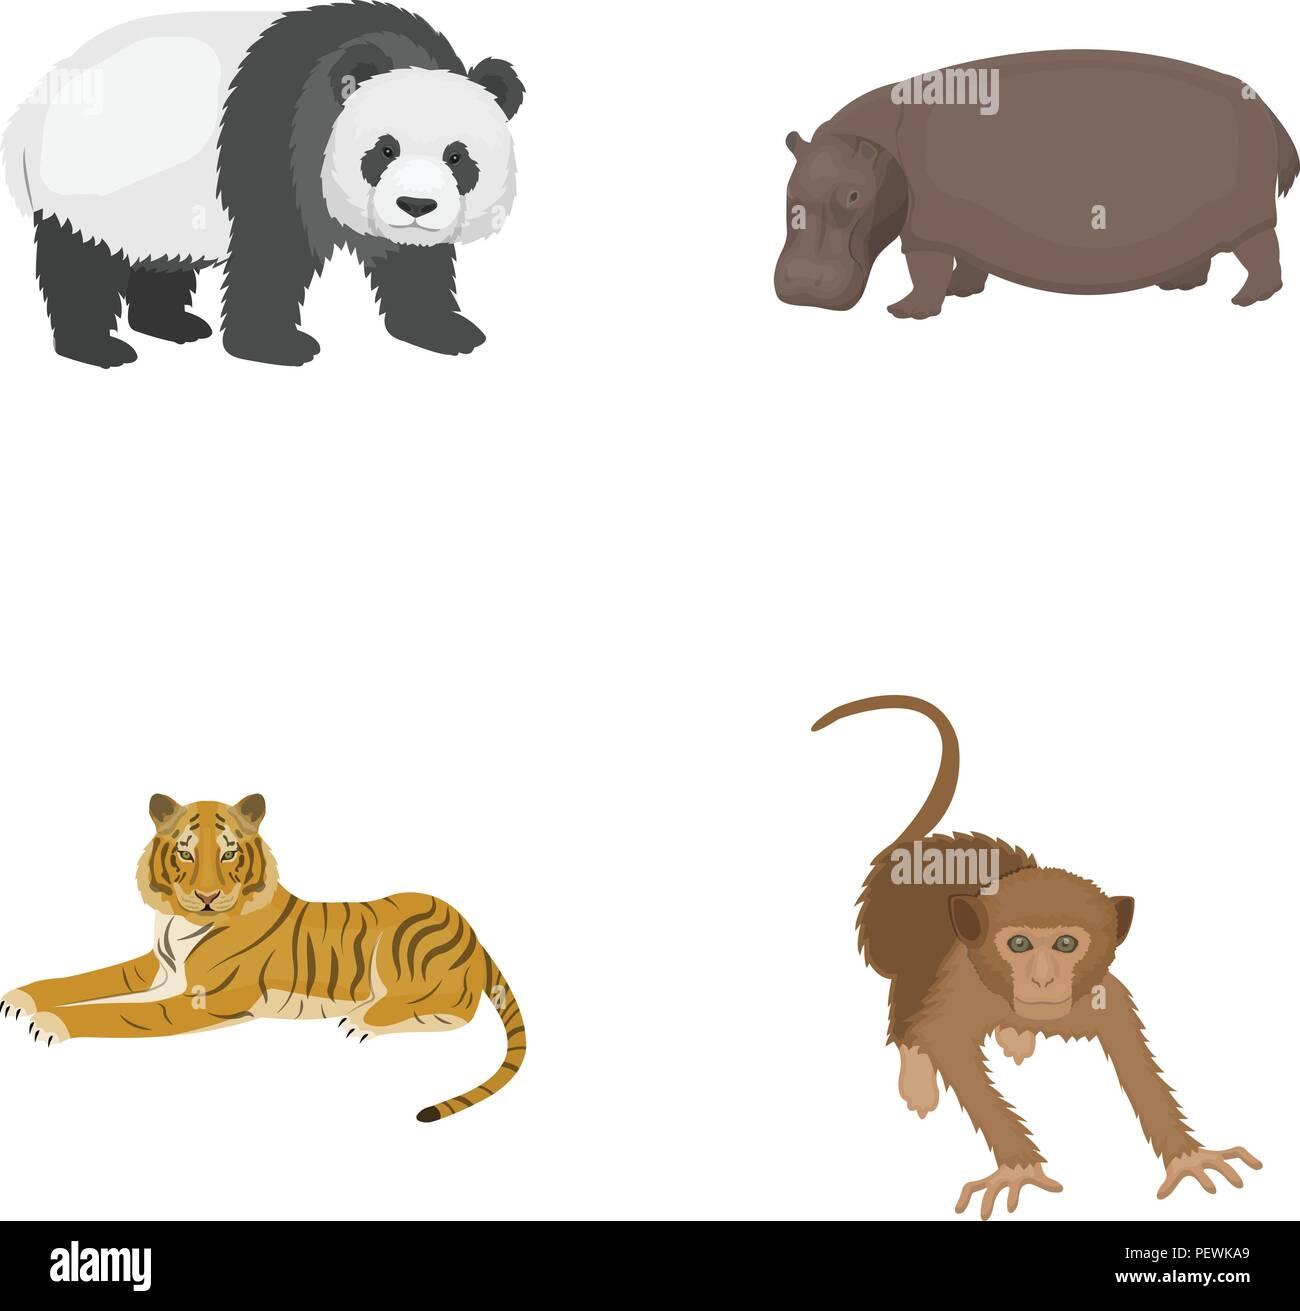 Bambus Nilpferd Wildes Tier Tiger Affe Wildes Tier Set Sammlung